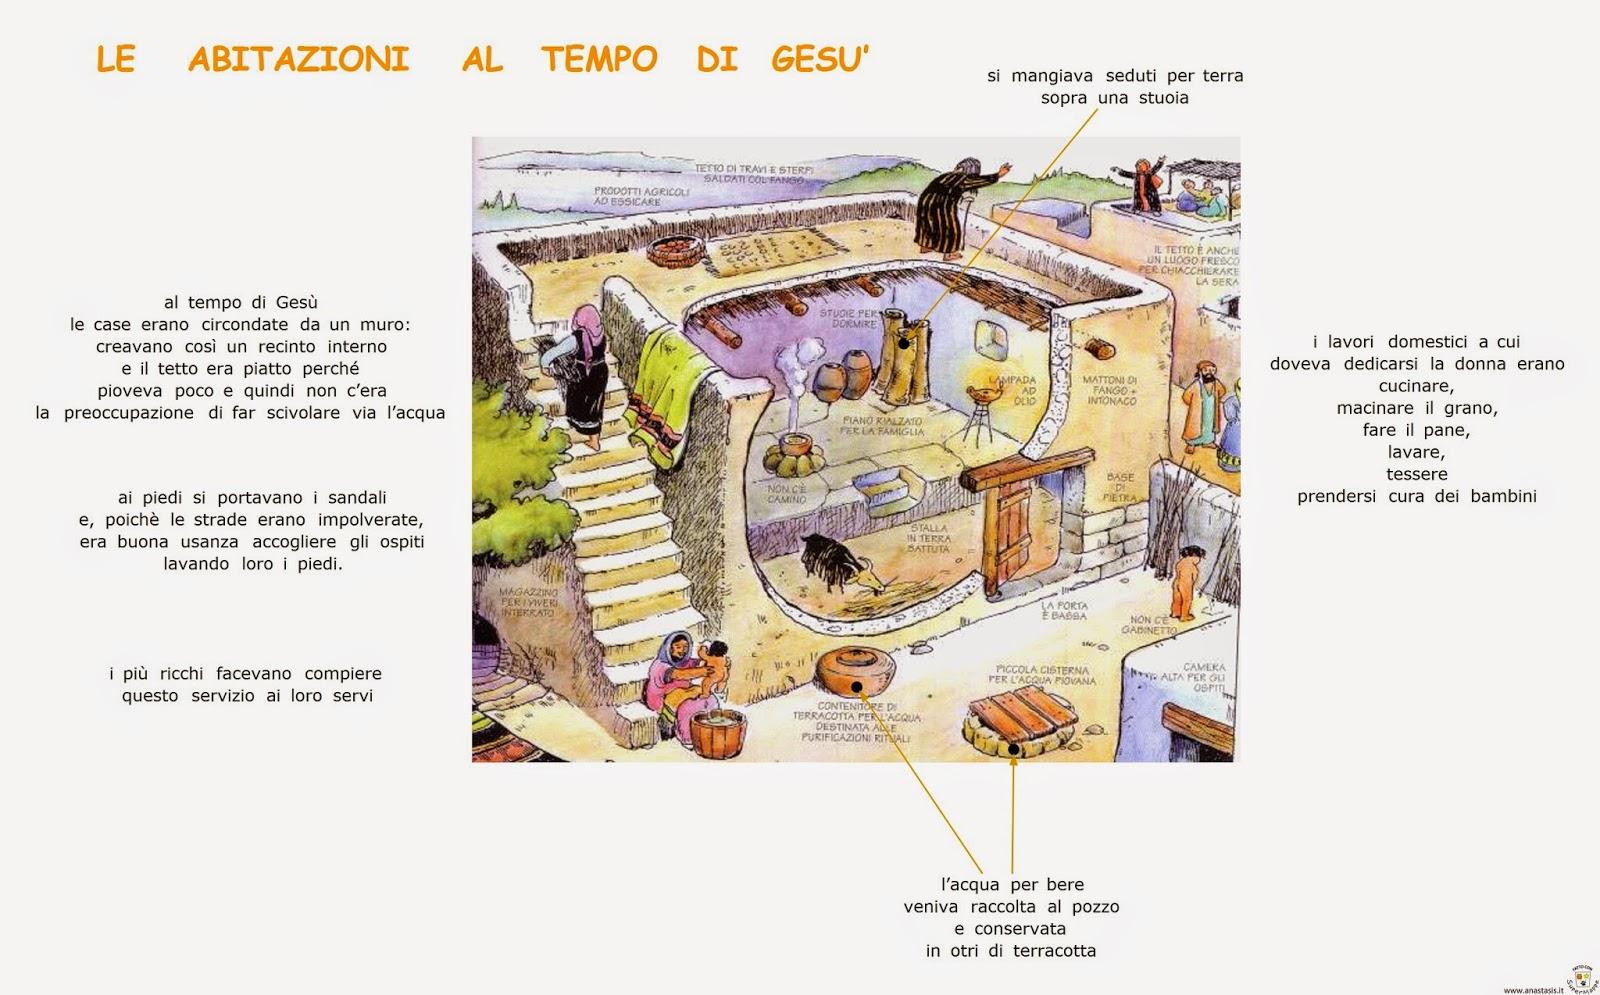 Fabuleux Paradiso delle mappe: Le abitazioni al tempo di Gesù YC79